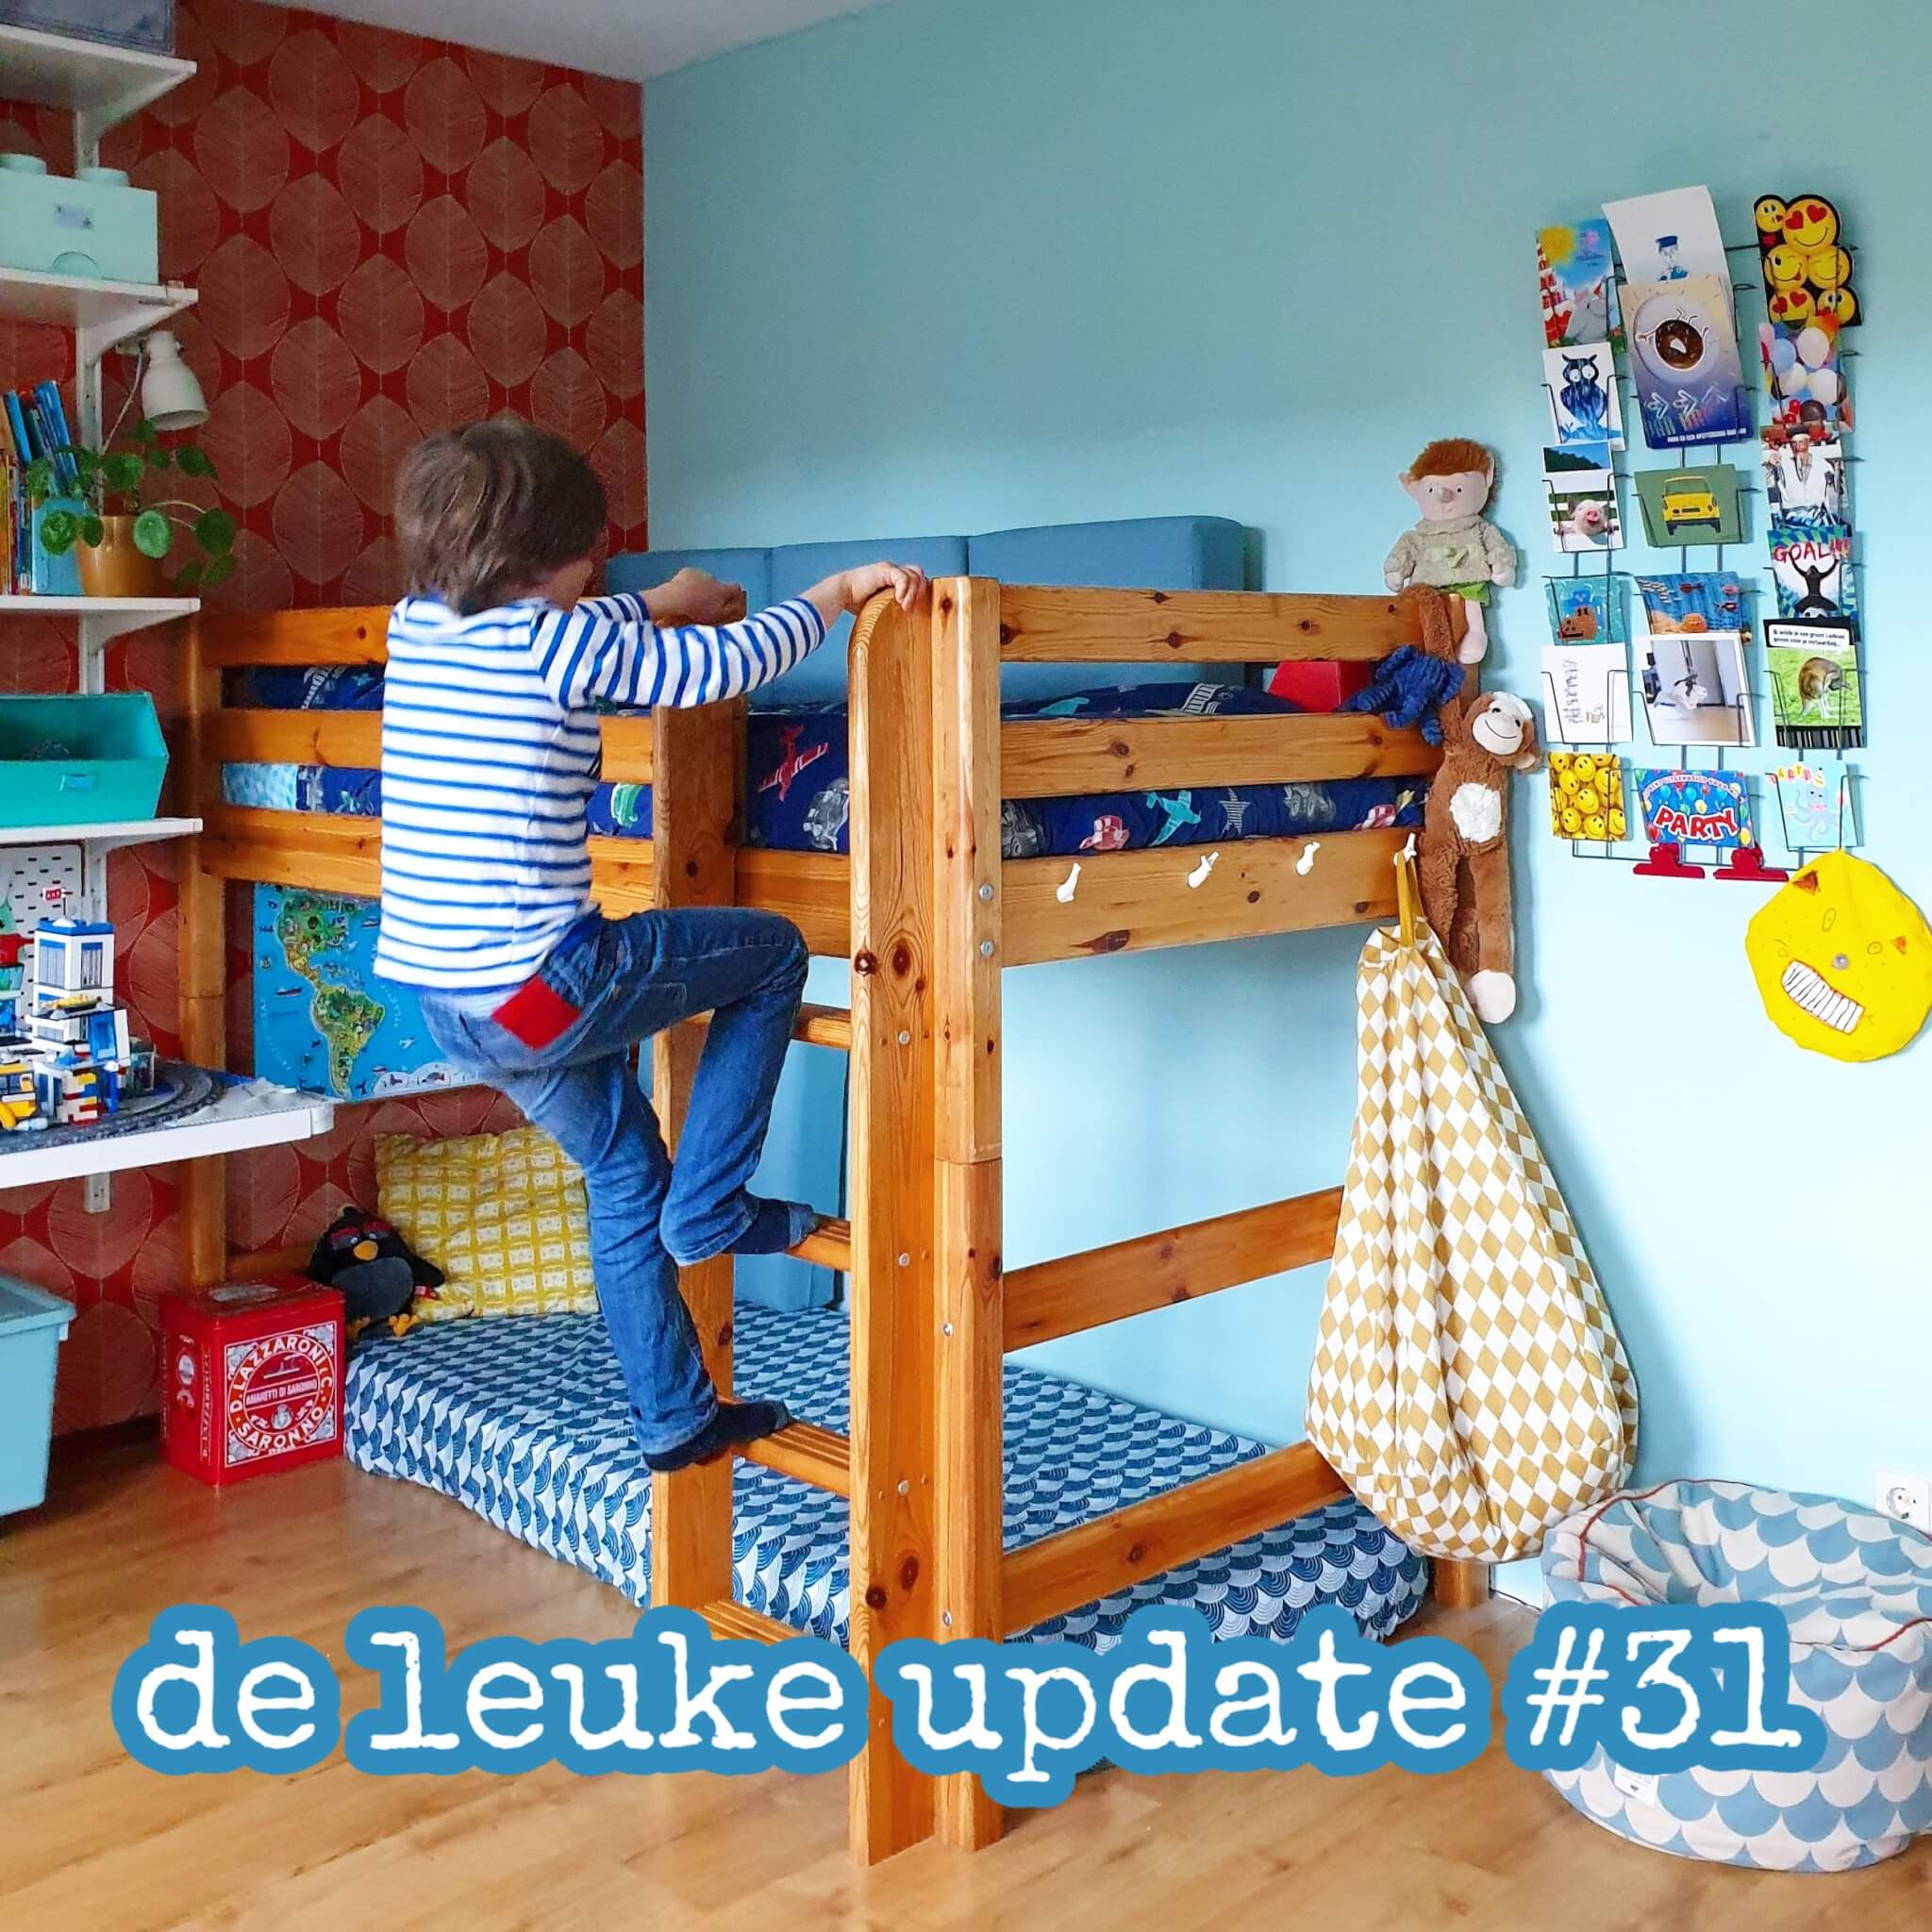 De Leuke Update #31 | nieuwtjes, ideeën, musthaves en uitjes voor kids